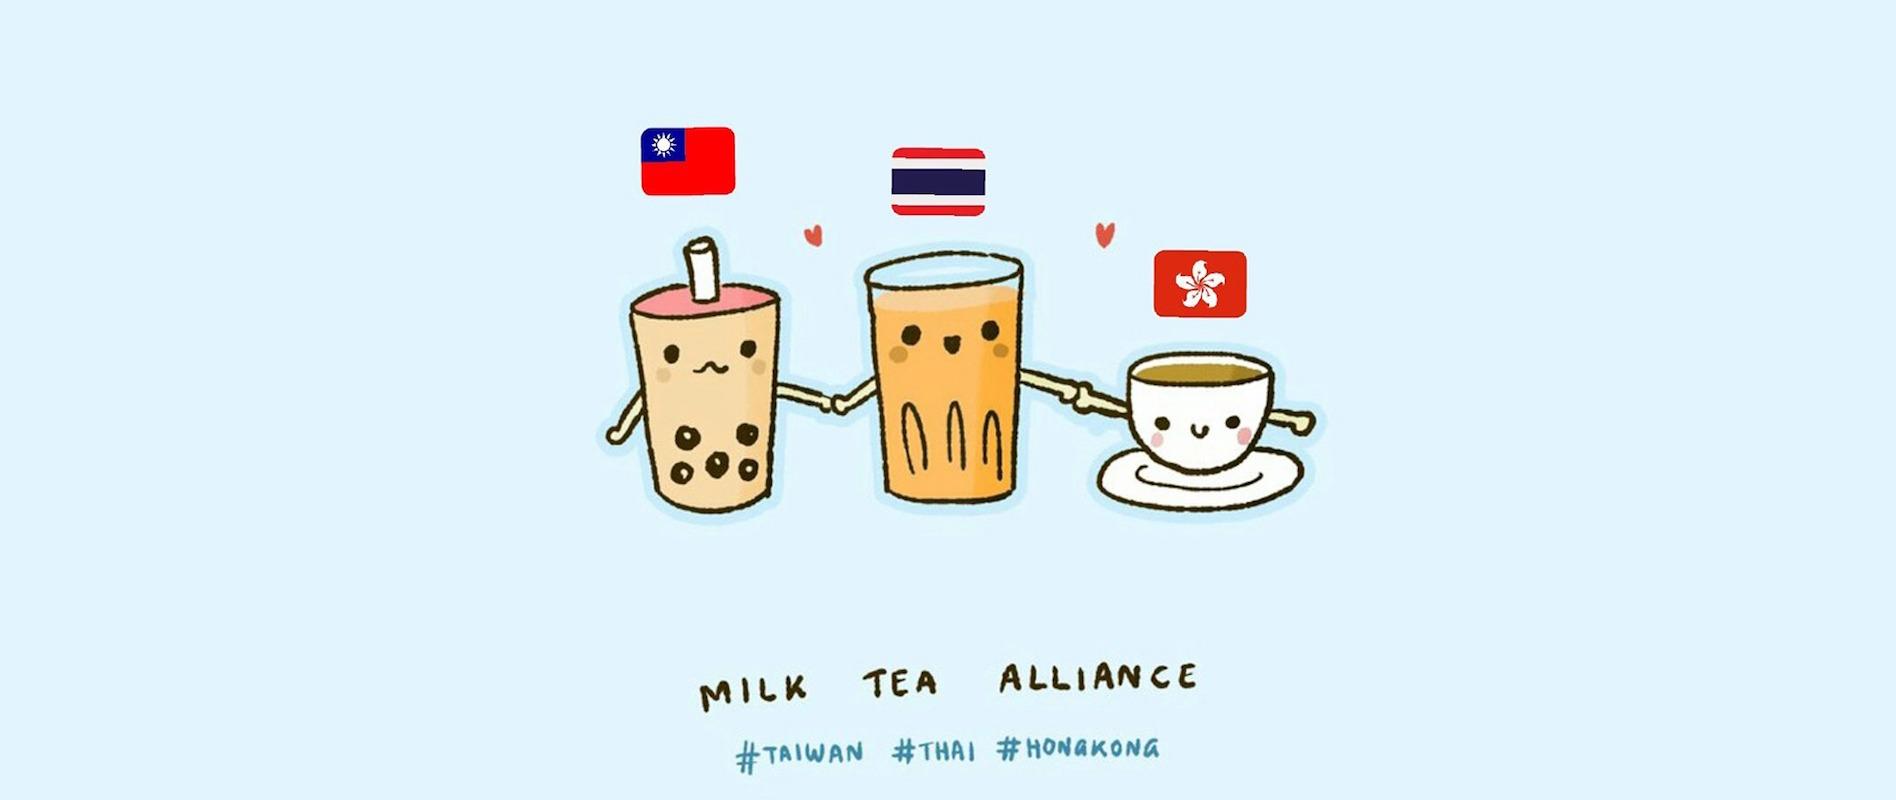 Un dessin représentant la Milk Tea Alliance (source : Twitter)